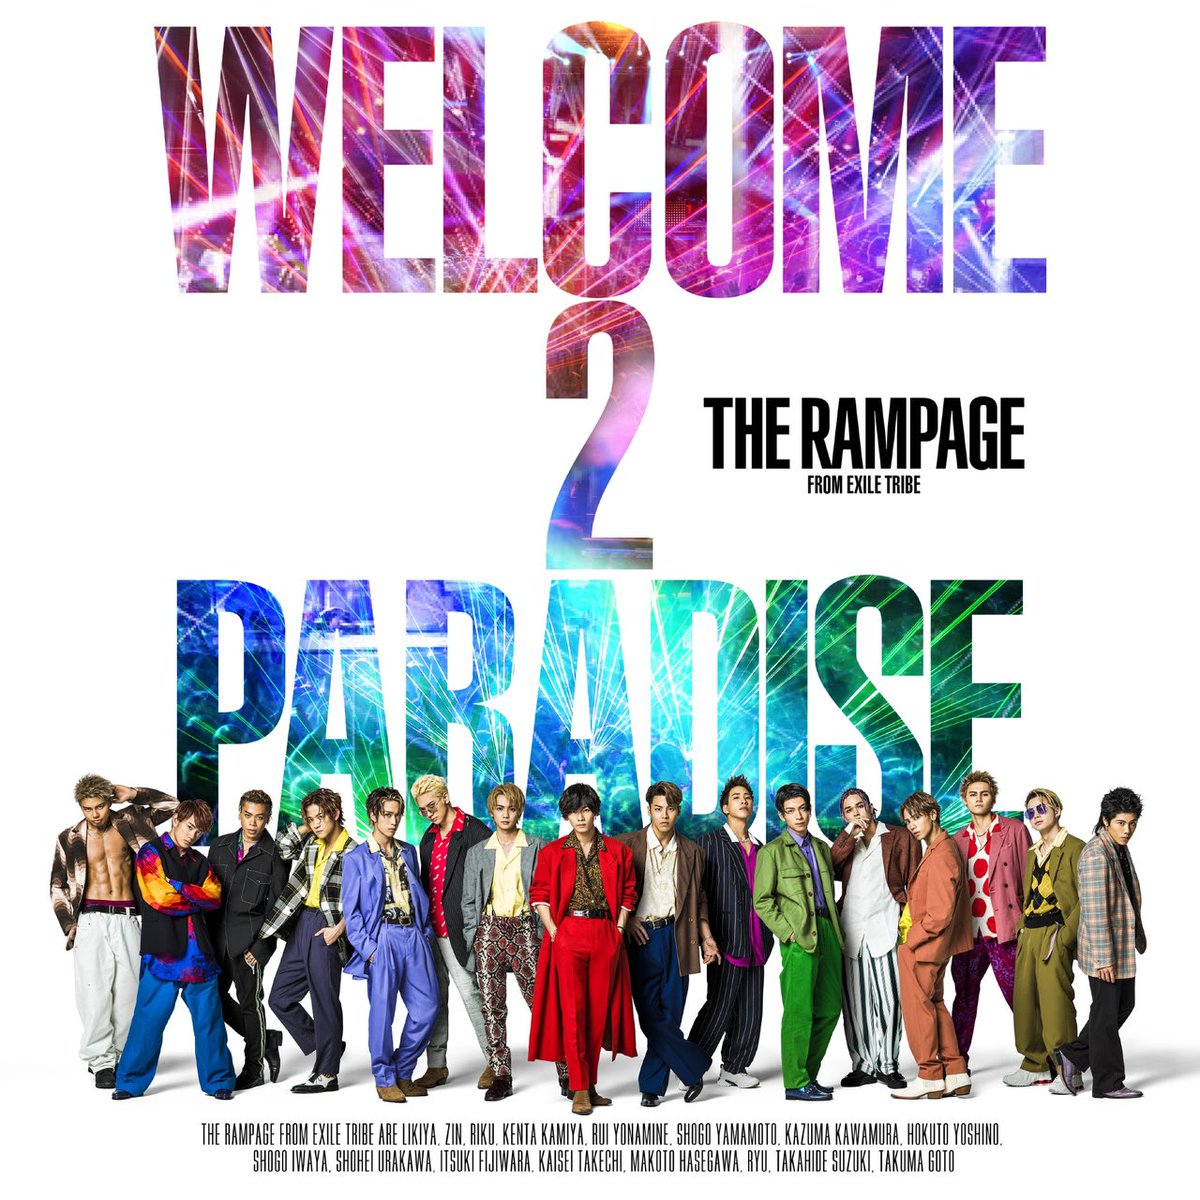 2019/7/31(水)release!!THE RAMPAGE New Single『WELCOME 2 PARADISE』収録曲『One More Kiss』音源・歌詞解禁!楽曲配信スタート!予約受付中⬇︎⬇︎